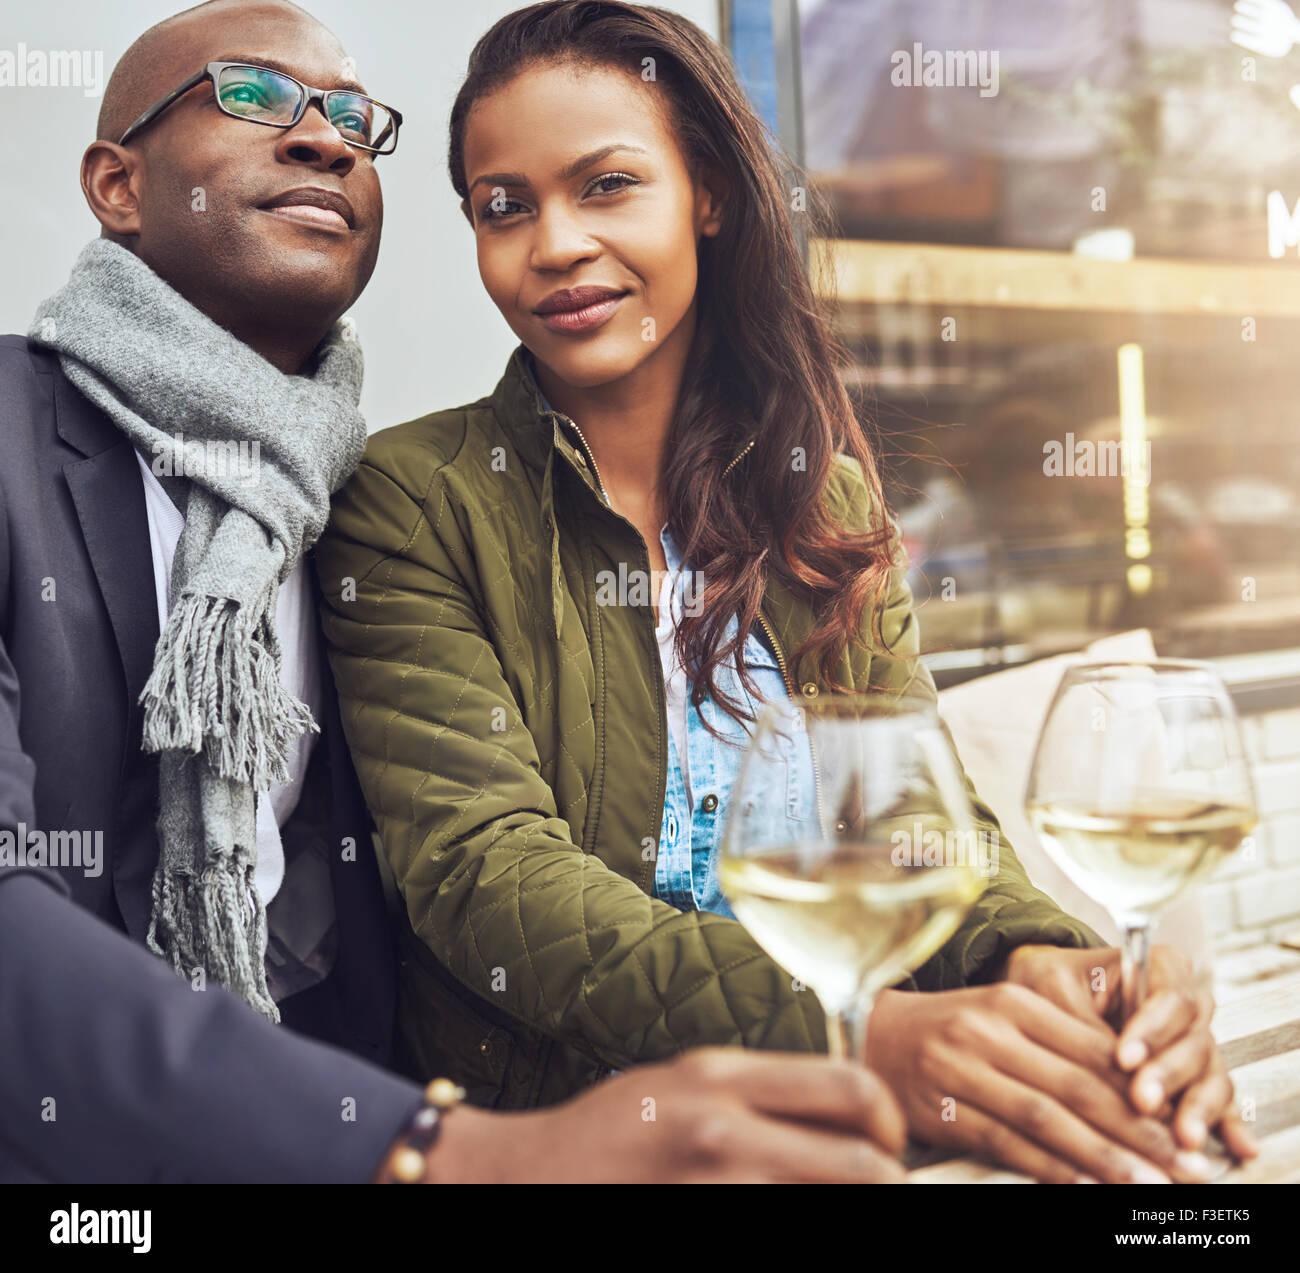 Afro americana par dating, mujer mirando directamente a la cámara Imagen De Stock